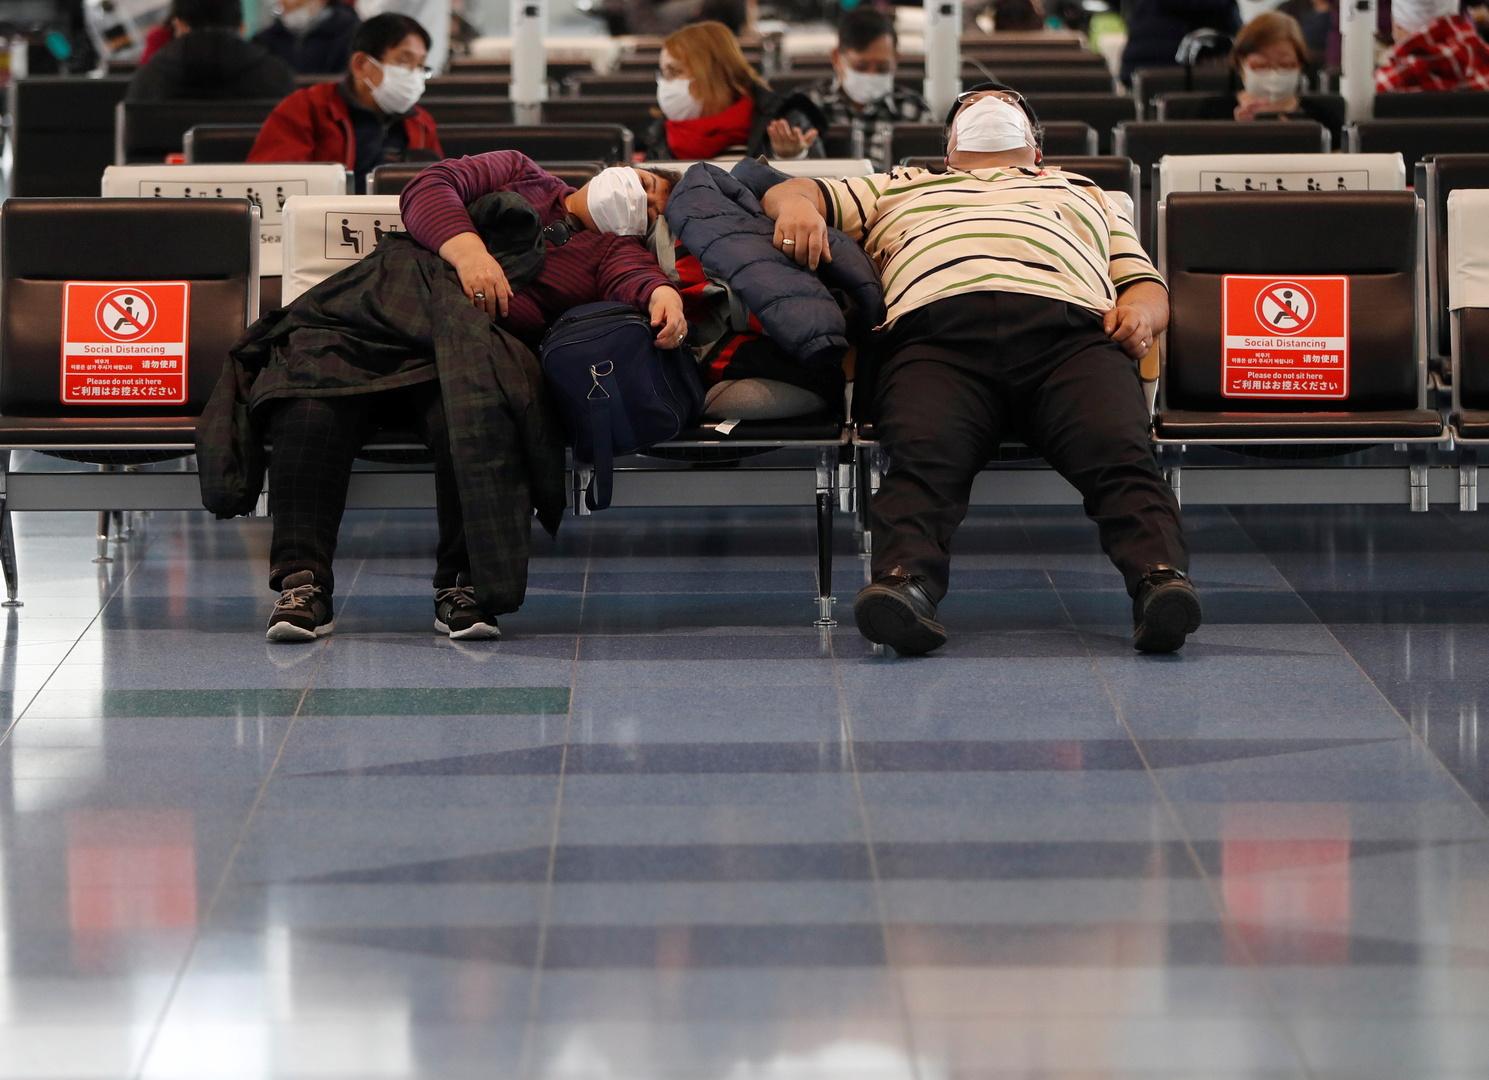 اليابان تعلن 8 إصابات على أراضيها بالسلالة الجديدة لفيروس كورونا